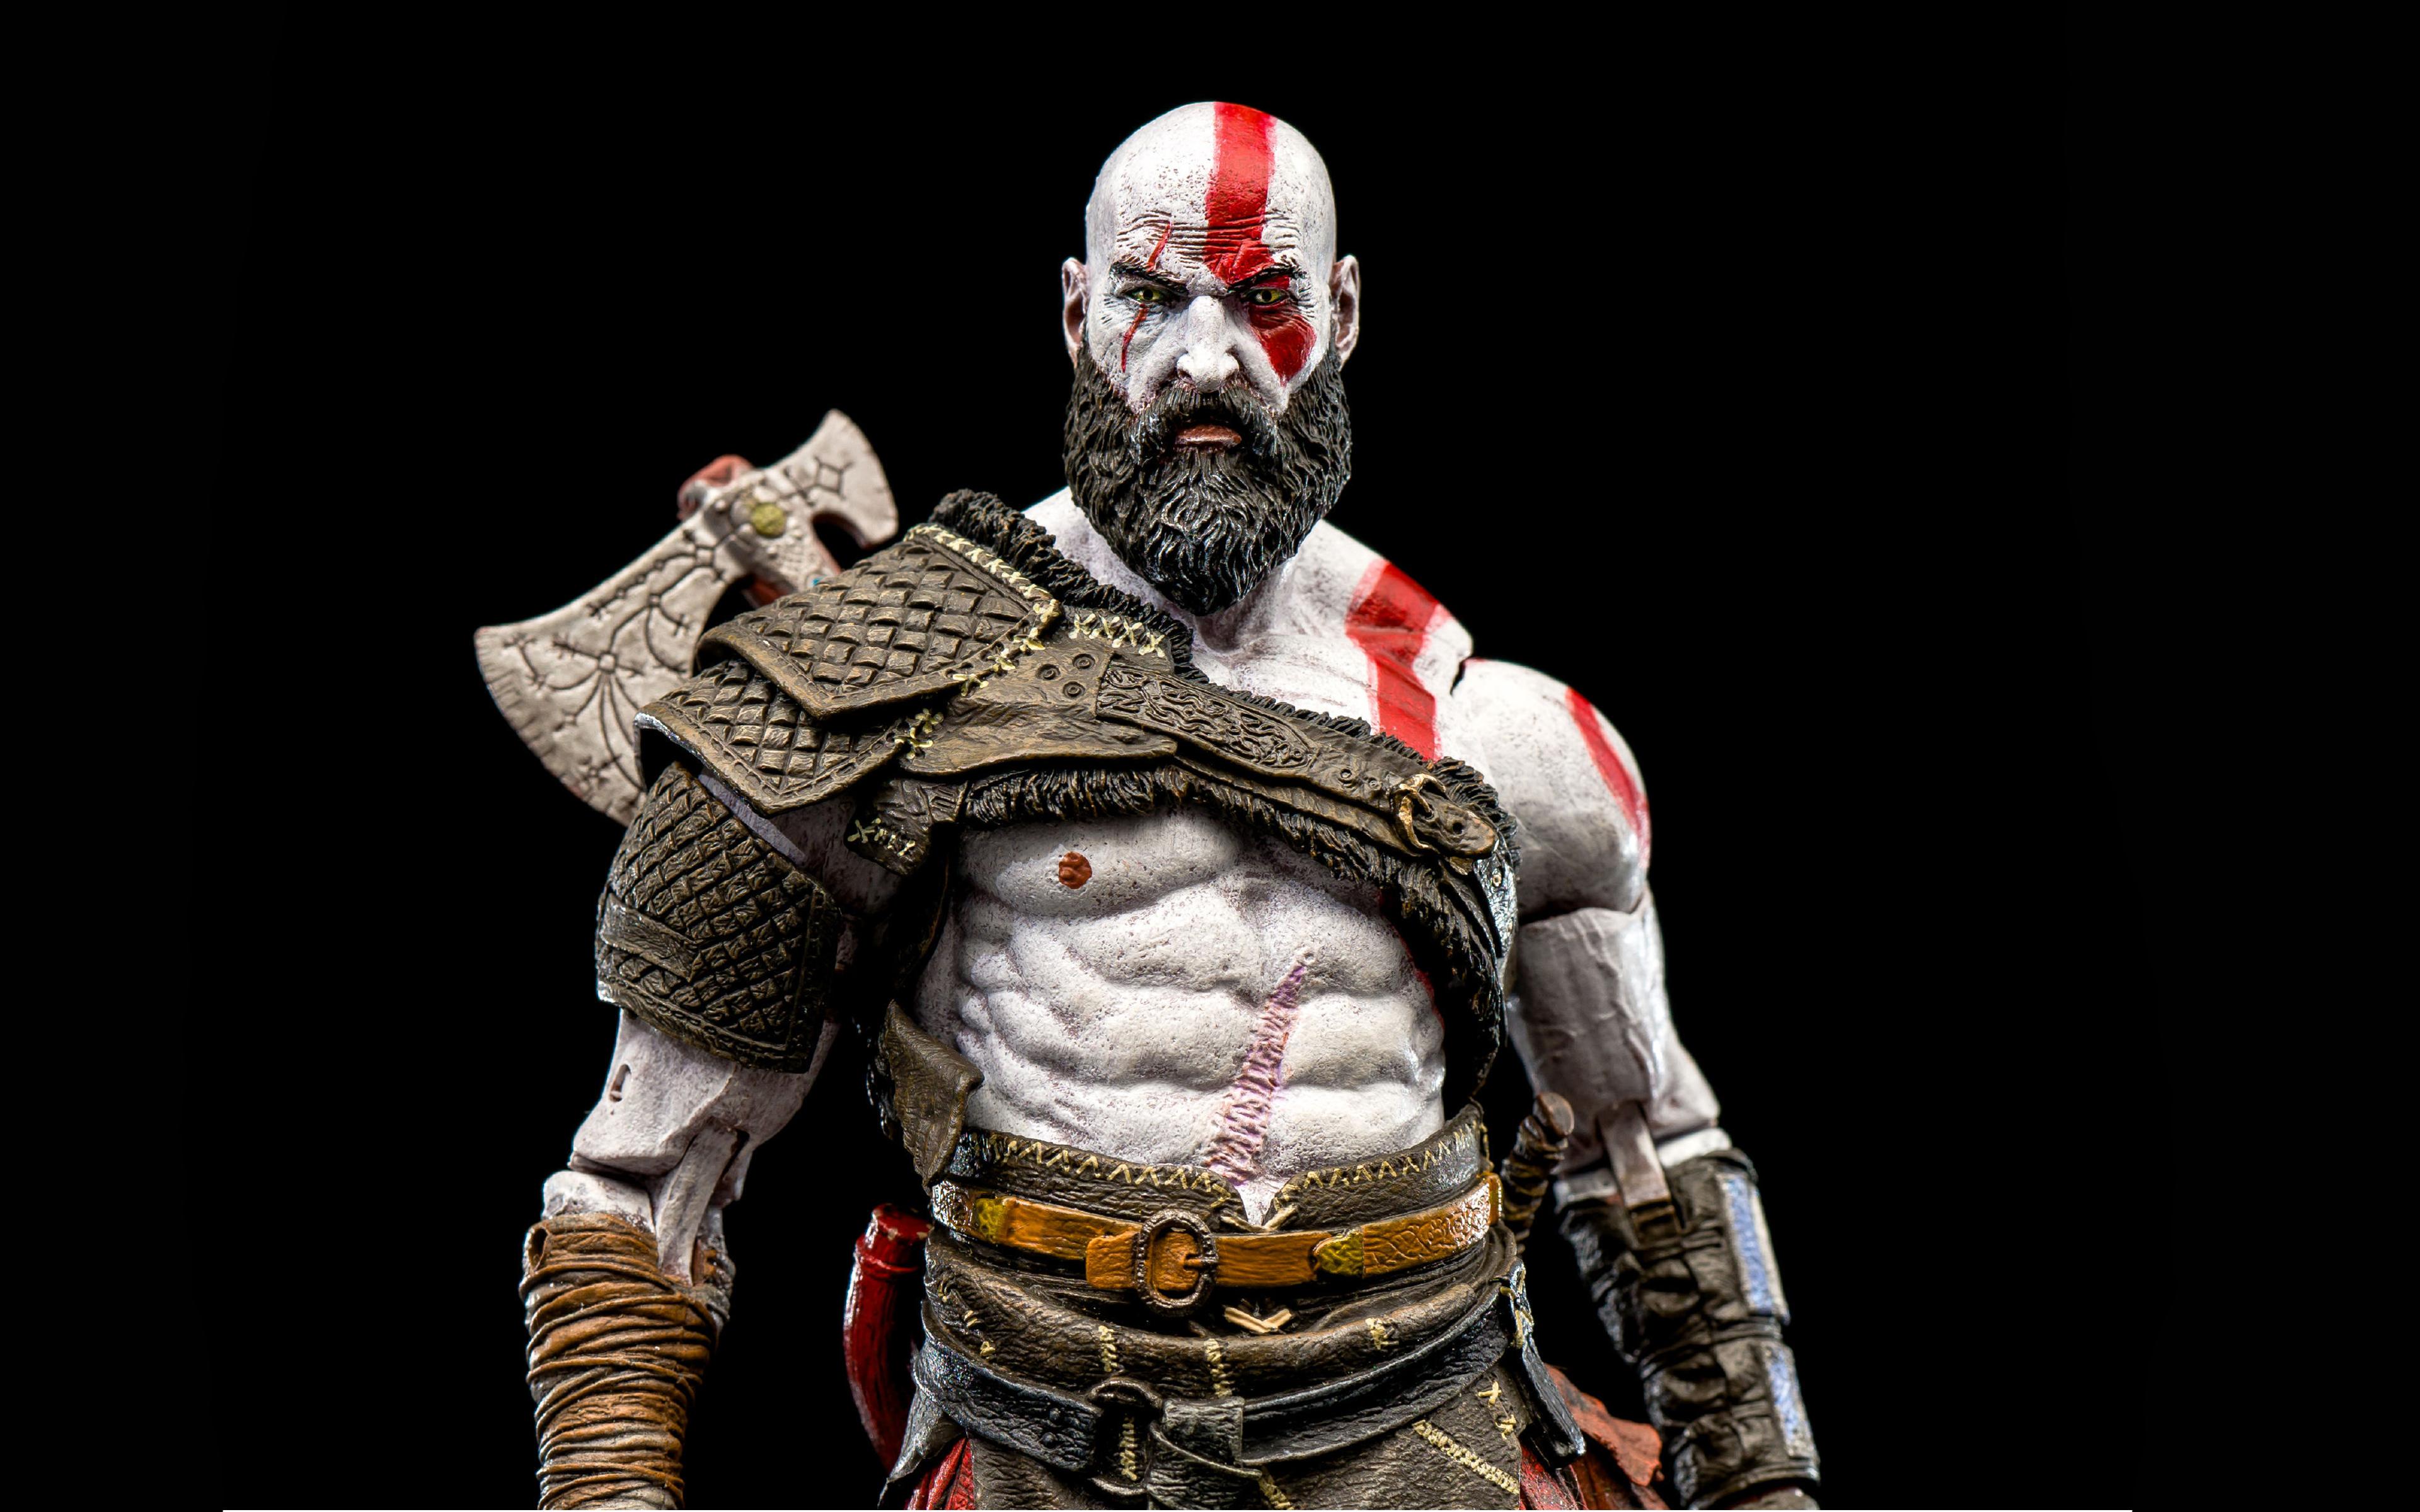 Kratos God Of War 2018 2370239 Hd Wallpaper